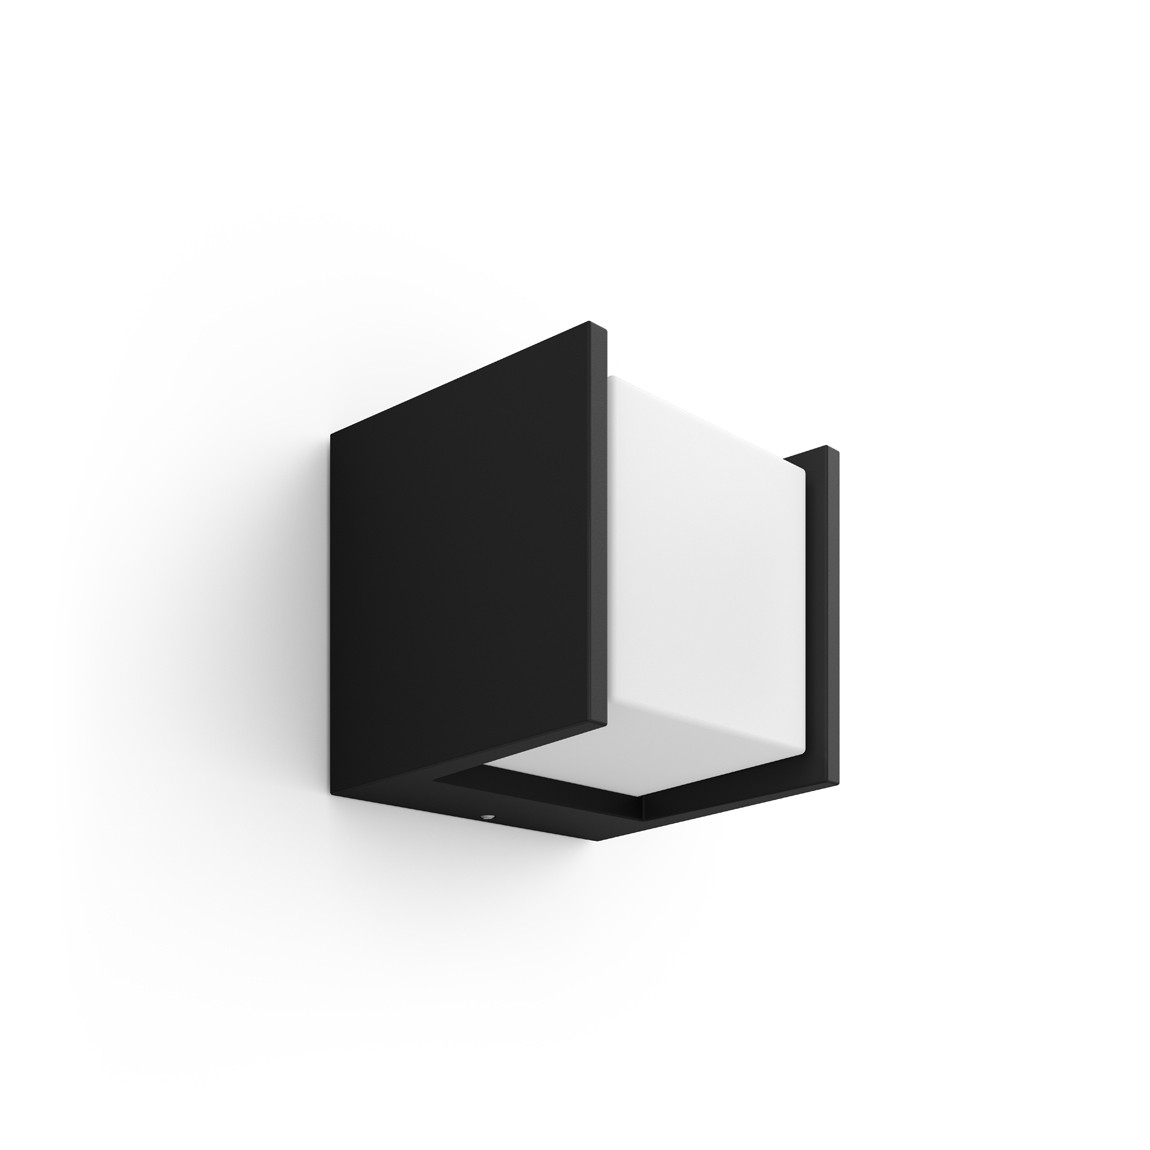 Philips Hue LED Wandleuchte Quadratisch Block Fuzo - Schwarz